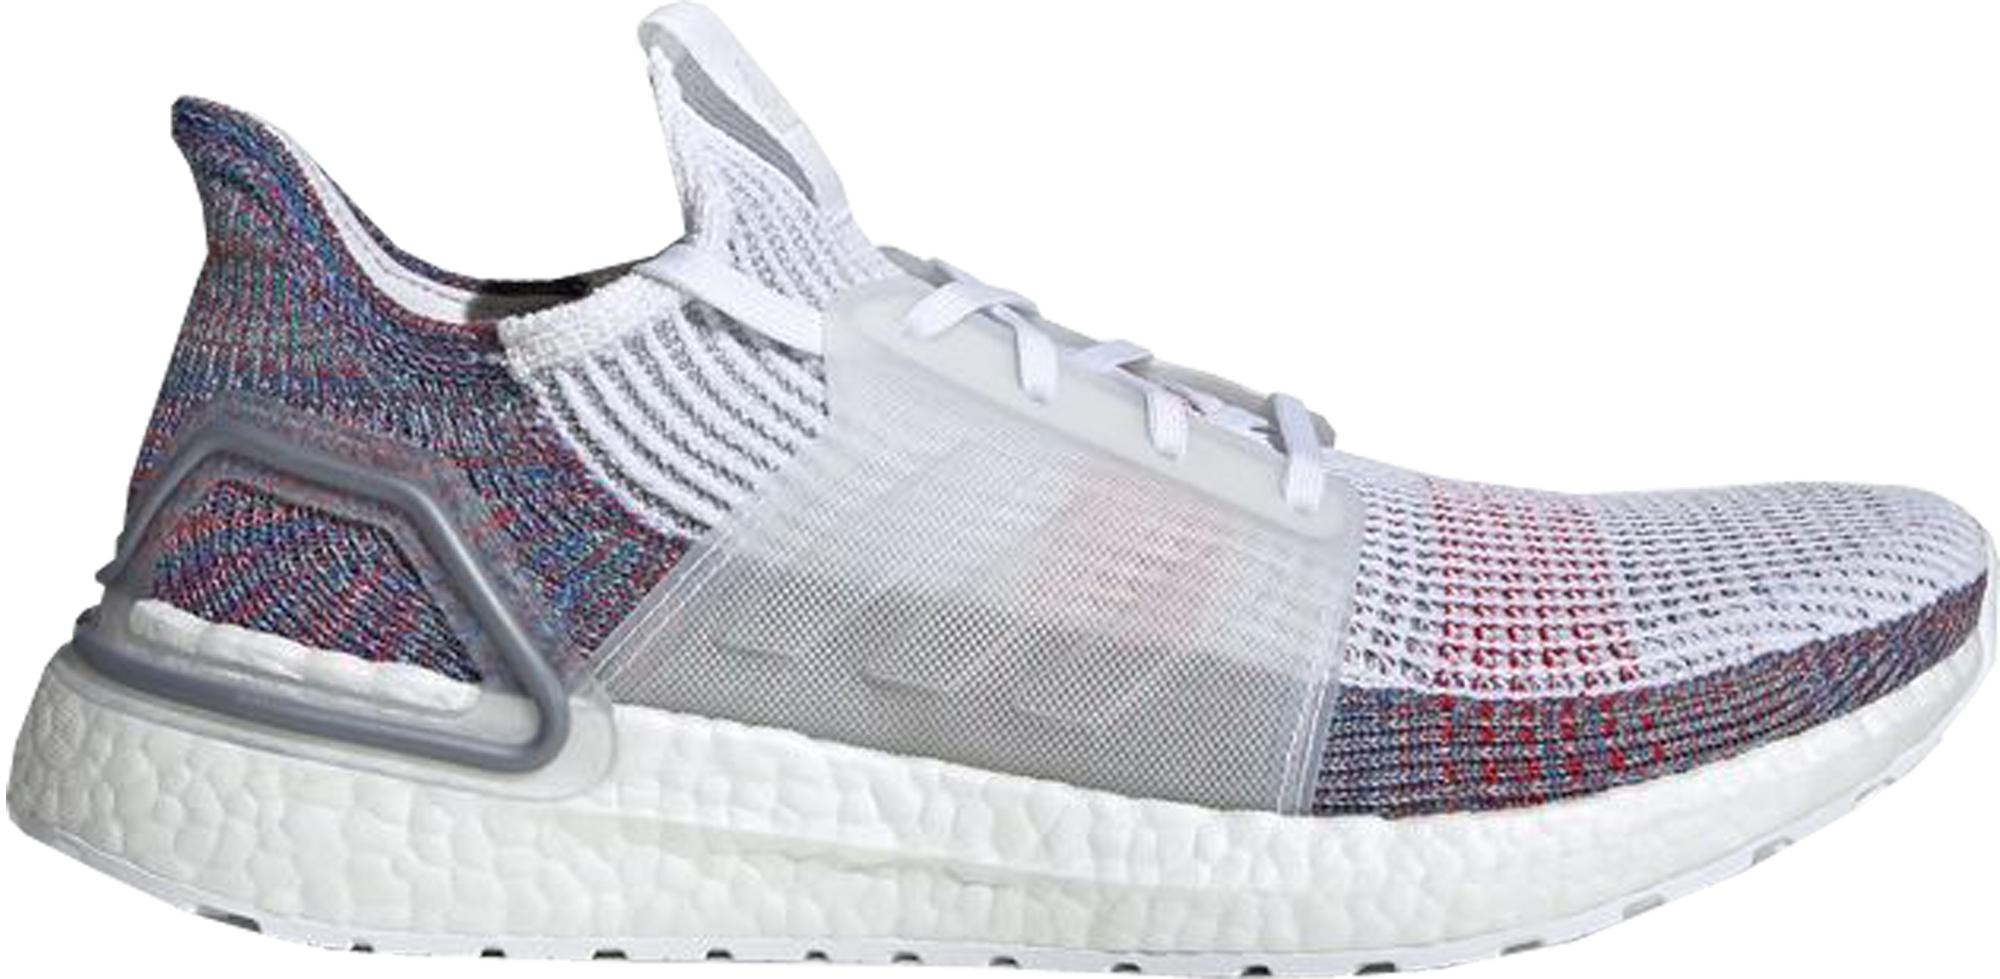 adidas Ultra Boost 2019 White Multi-Color